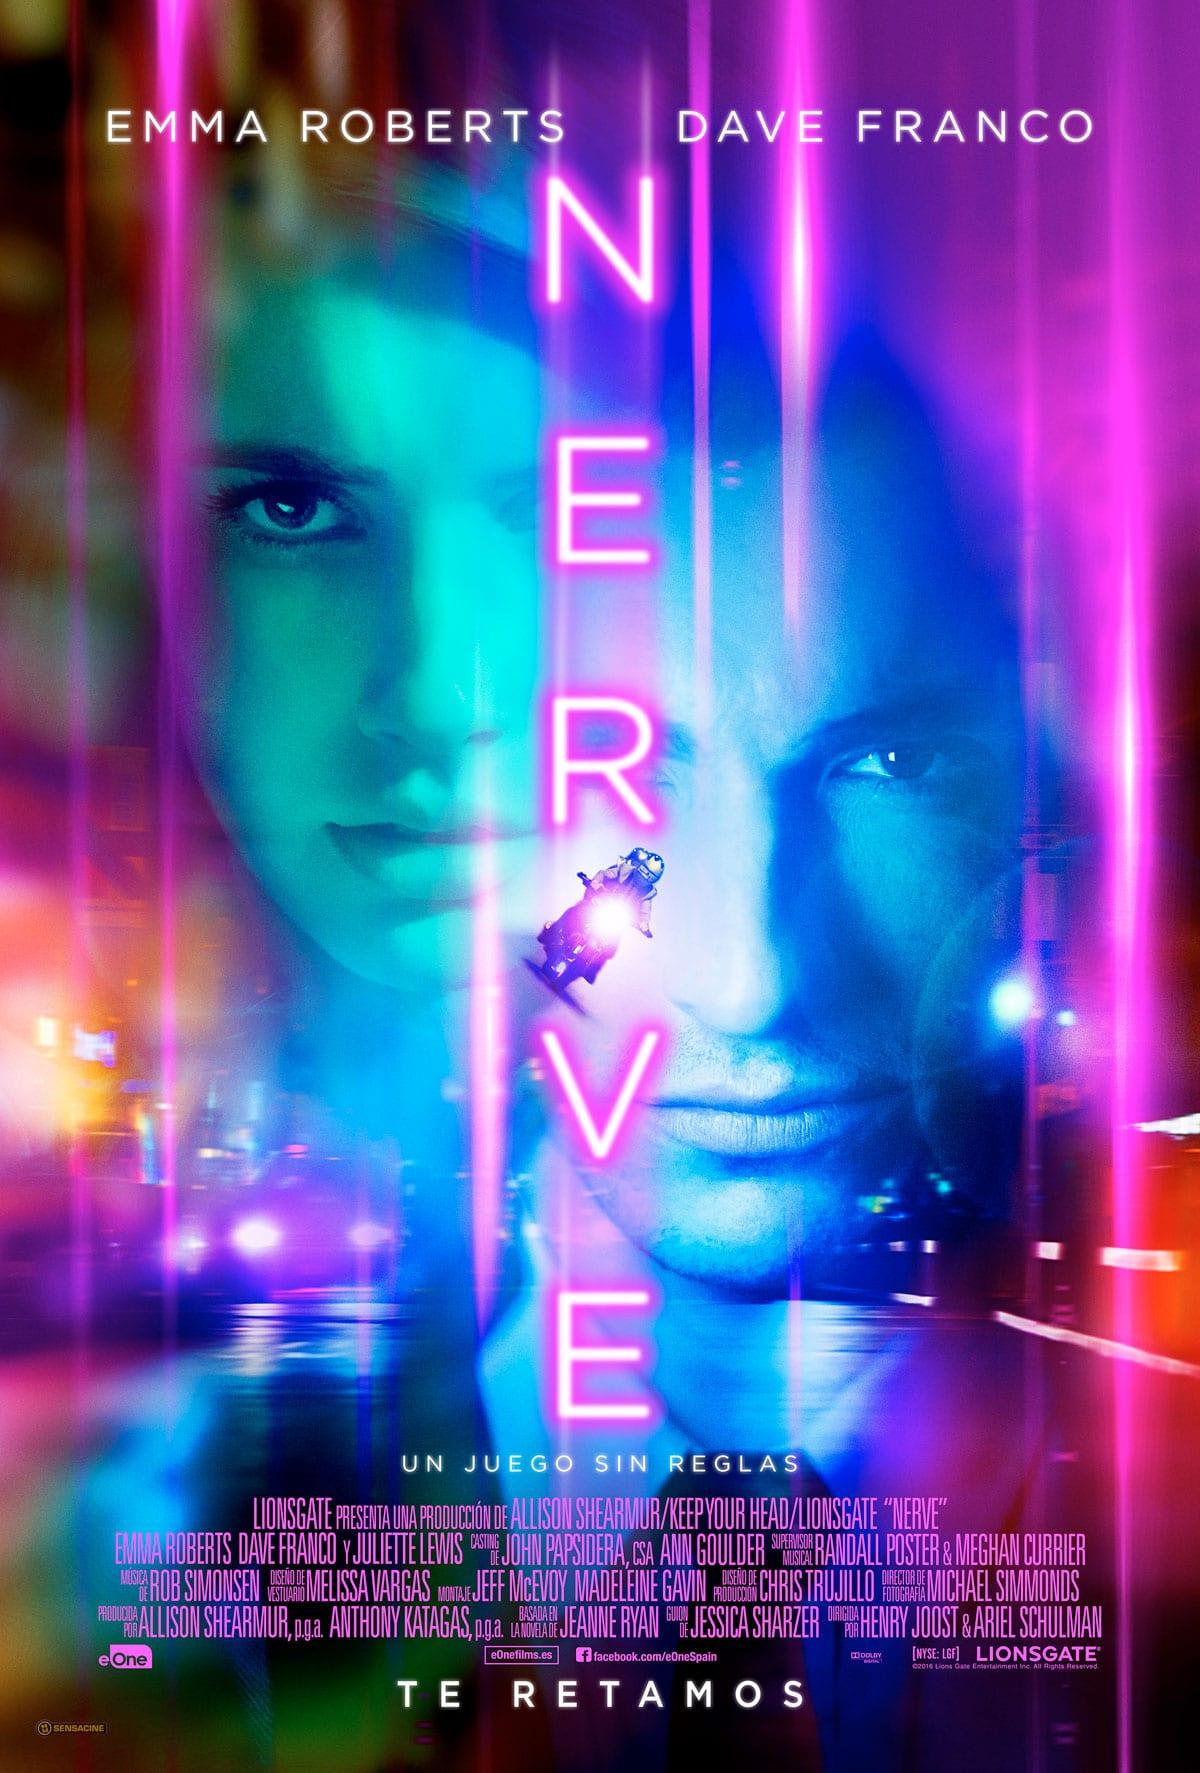 Nerve, un juego sin reglas - Crítica de cine